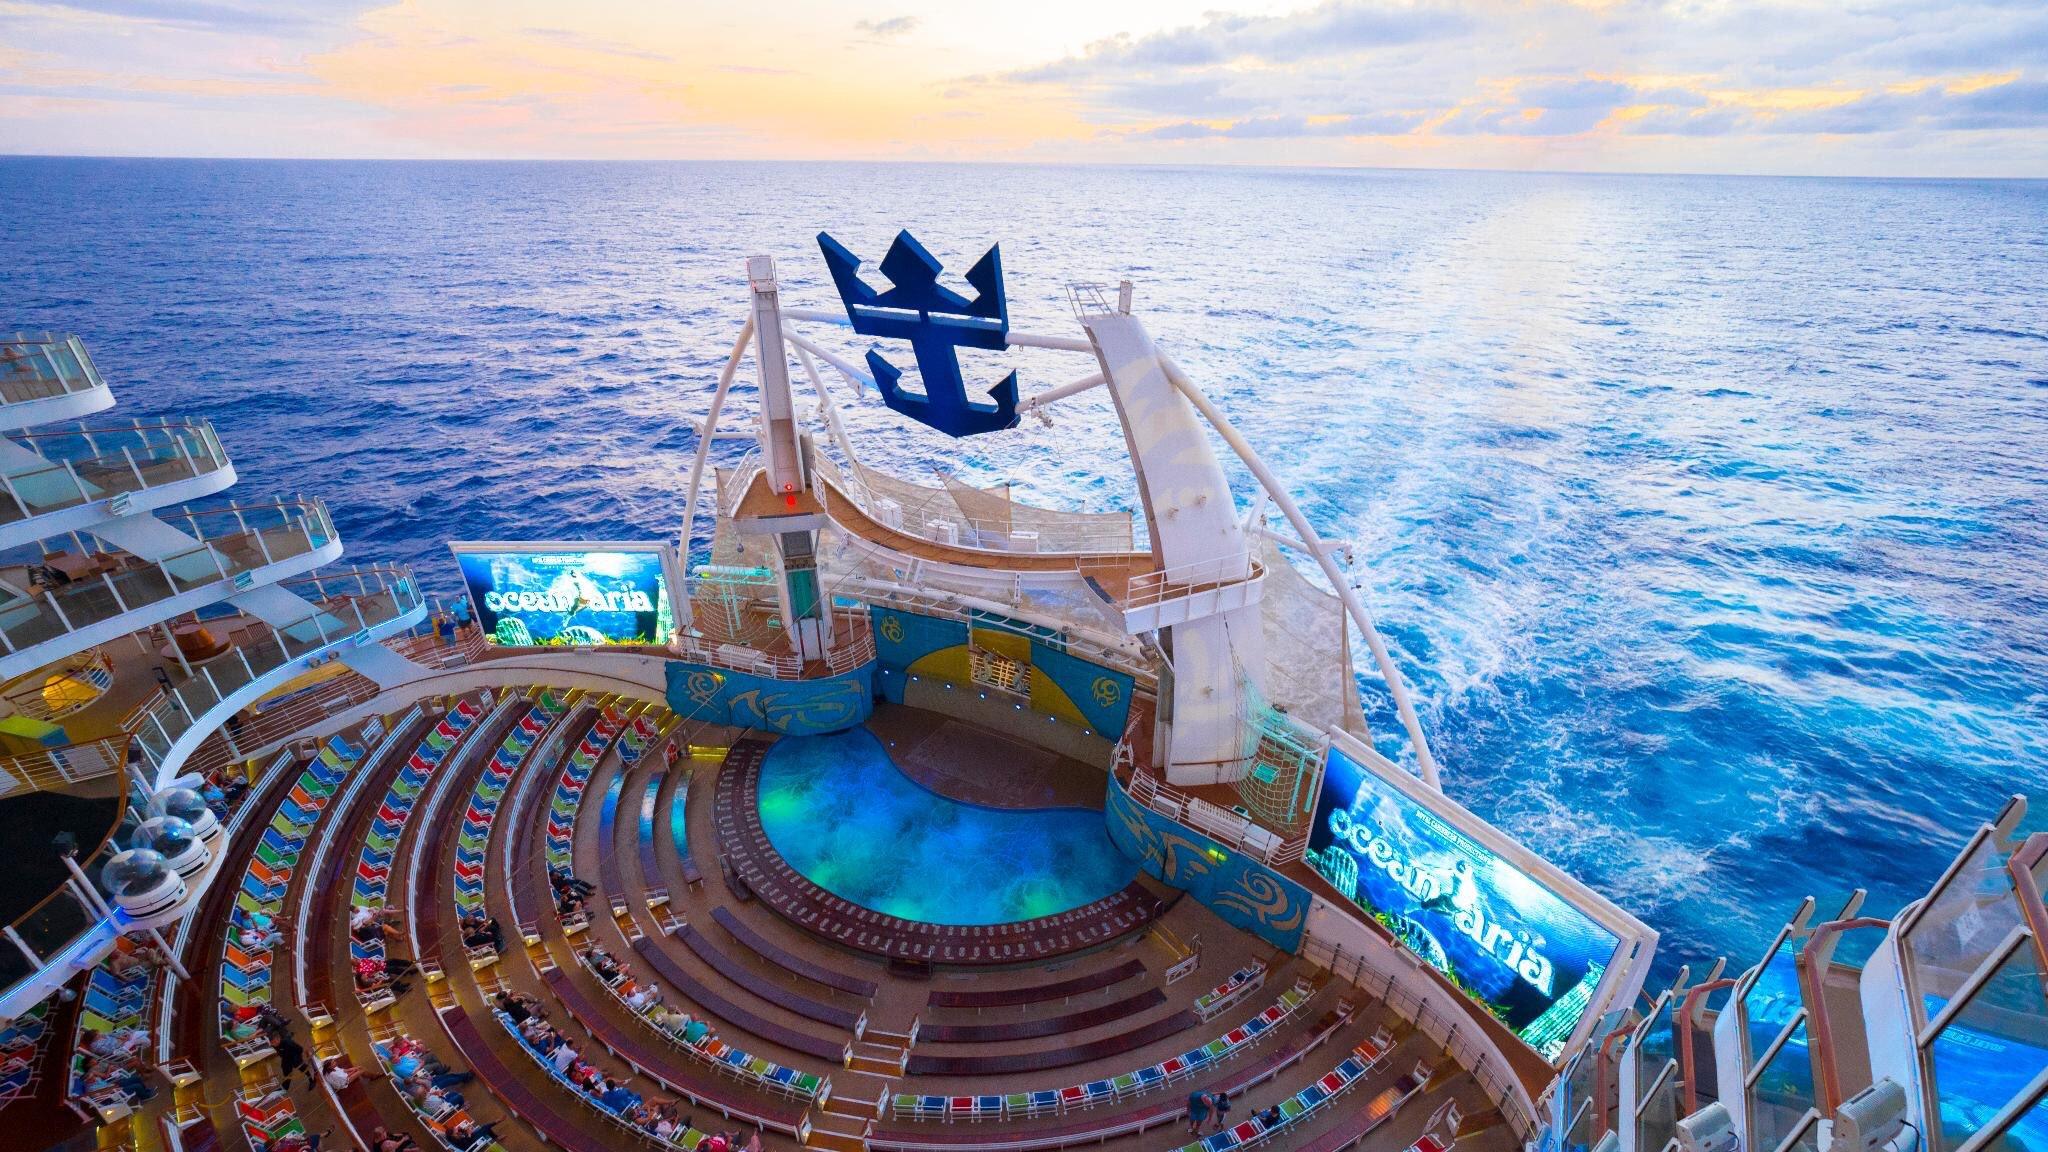 Royal Caribbean - cамые большие круизные лайнеры в мире.